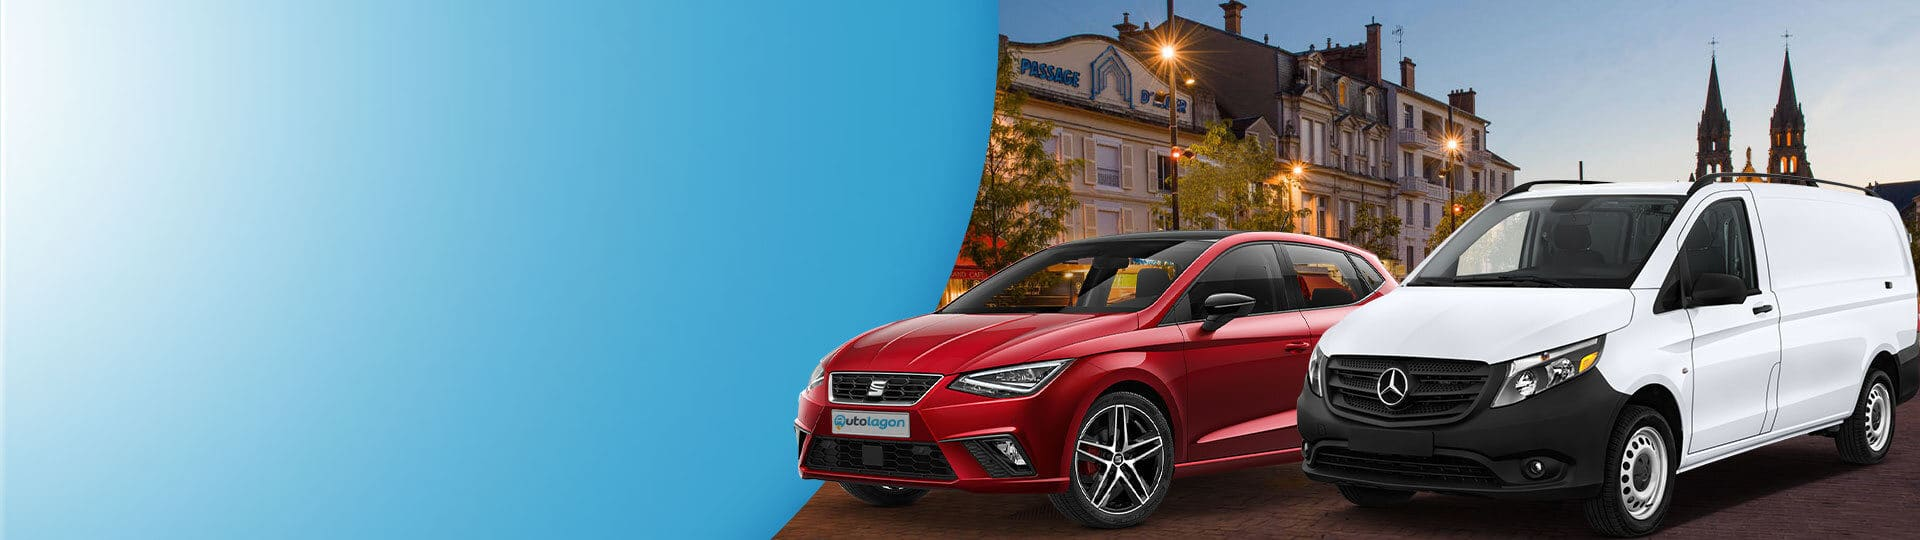 Réservez votre voiture de location au meilleur prix à Moulins - Avermes